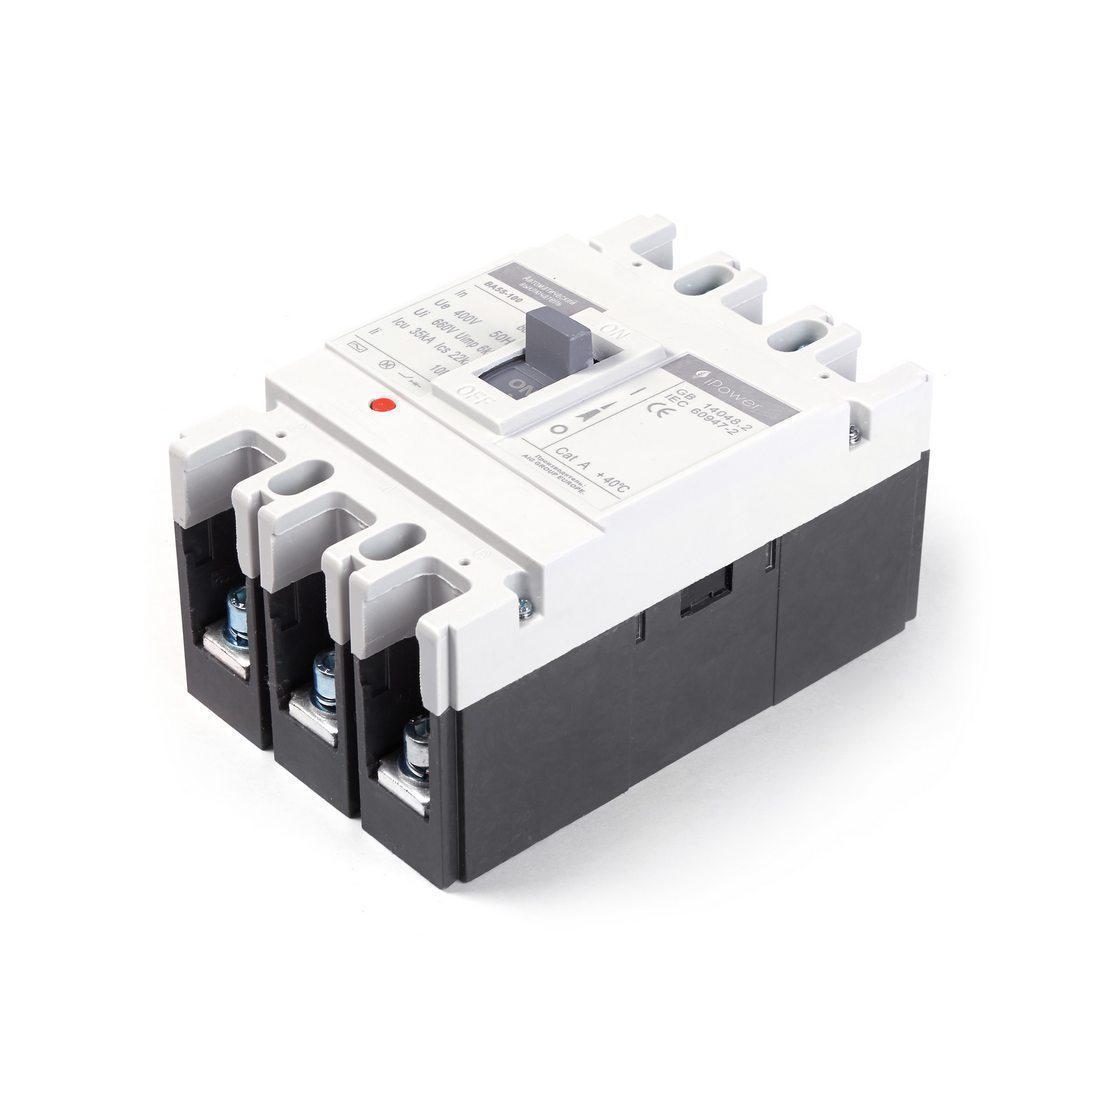 Автоматический выключатель установочный iPower ВА55-100 3P 100А, 380/660 В, Кол-во полюсов: 3, Предел отключен